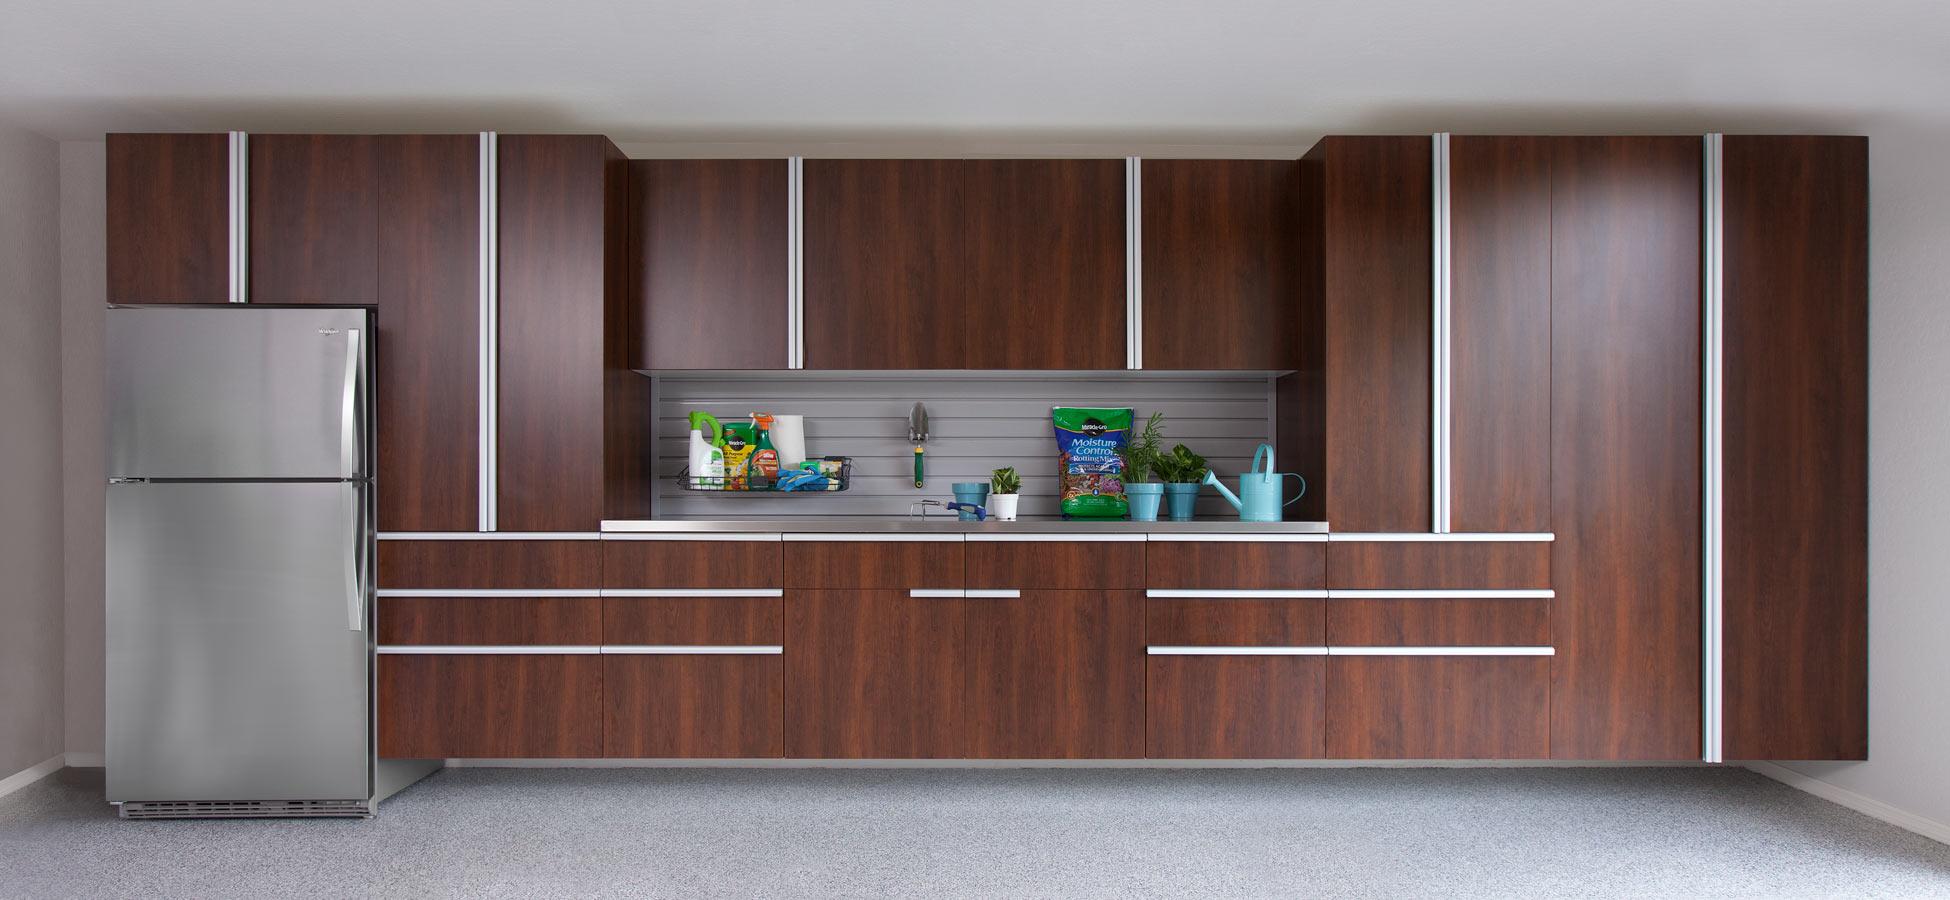 traditional garage cabinet design in phoenix scottsdale az rh arizonagaragedesign com